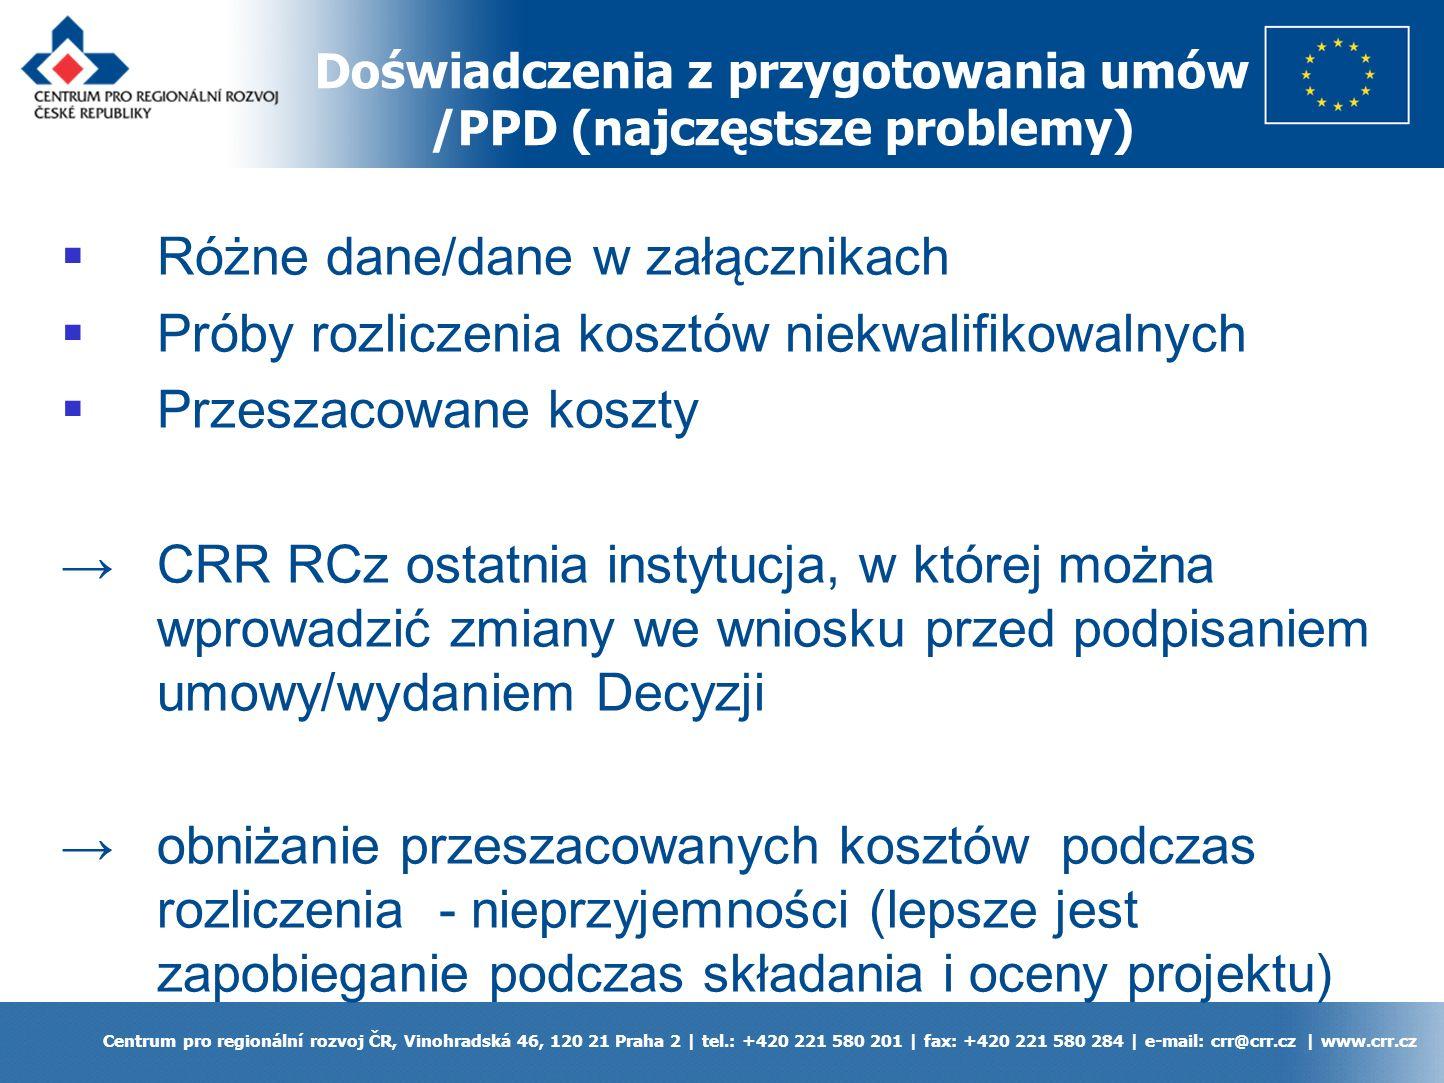 Doświadczenia z przygotowania umów (najczęstsze problemy) Centrum pro regionální rozvoj ČR, Vinohradská 46, 120 21 Praha 2   tel.: +420 221 580 201   fax: +420 221 580 284   e-mail: crr@crr.cz   www.crr.cz Późne składanie raportów Późna reakcja na uwagi pokontrolne Nieznajomość podstawowych zasad dokumentowania Zmiany w dokumentacji Zapobieganie: zwracanie uwagi na terminy, komunikacja z odbiorcą, seminaria dla odbiorców na początku realizacji projektów, zwiększona uwaga w przypadku realizujących projekt po raz pierwszy